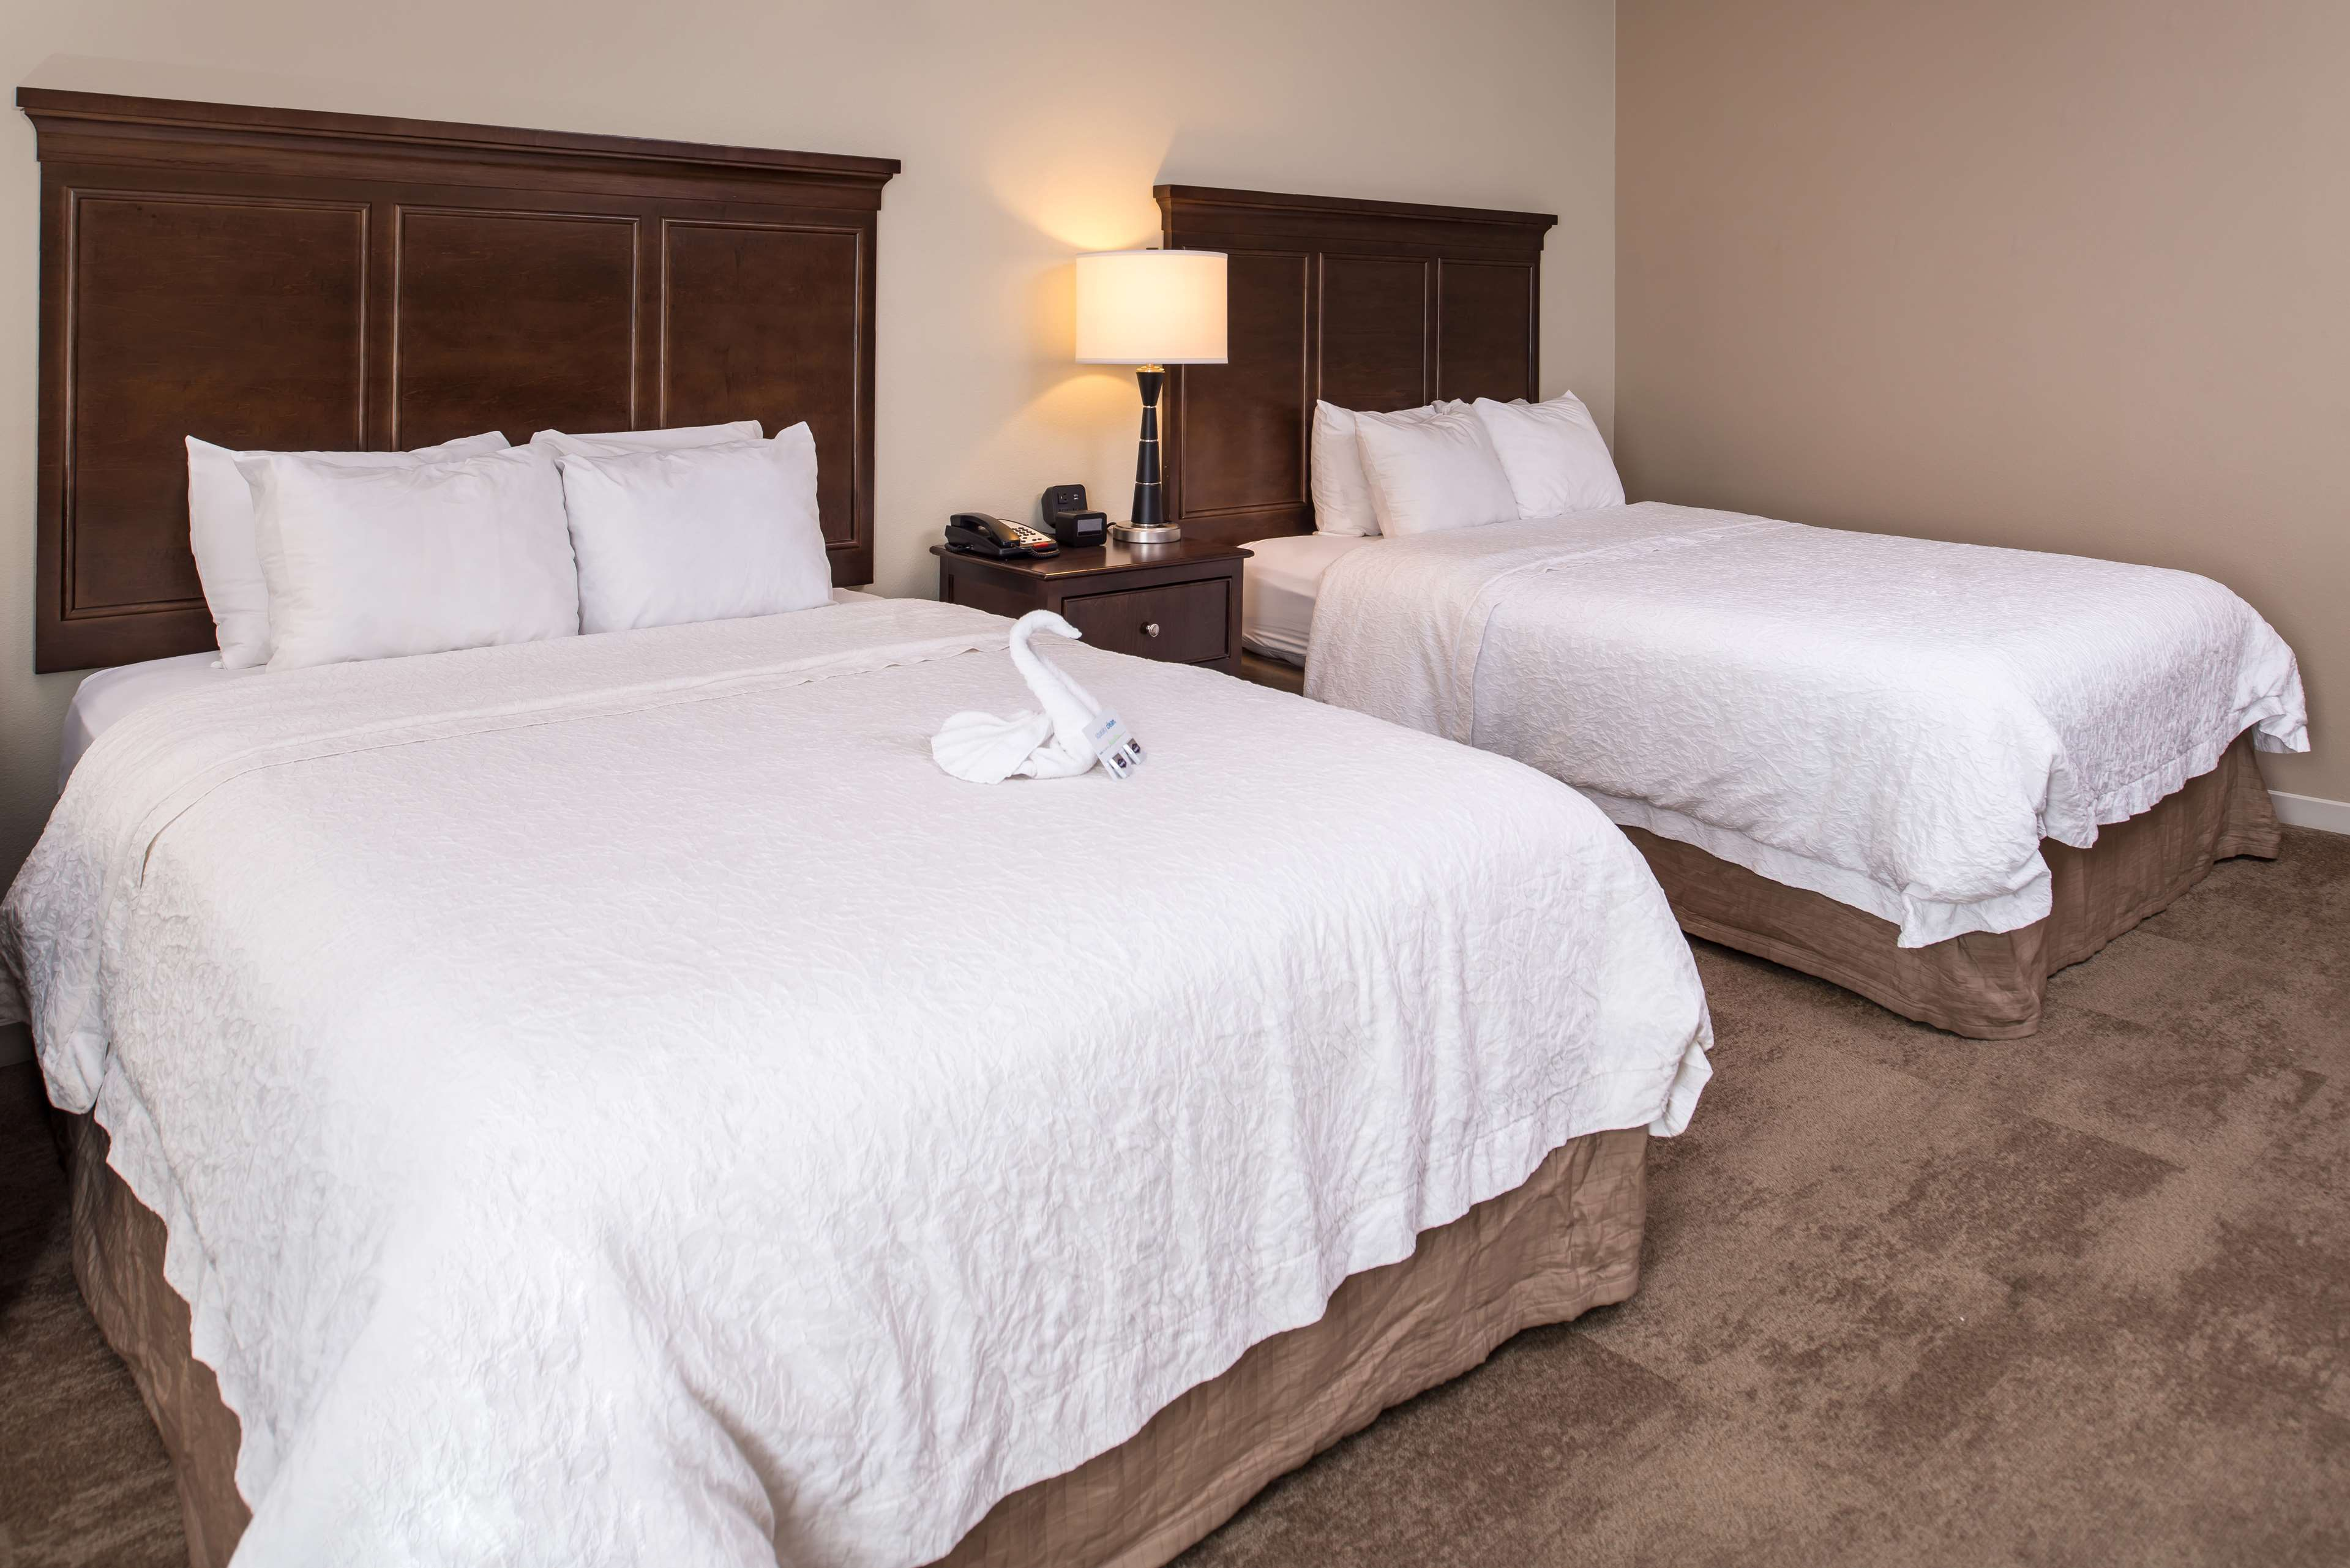 Hampton Inn & Suites Charlotte-Arrowood Rd. image 37